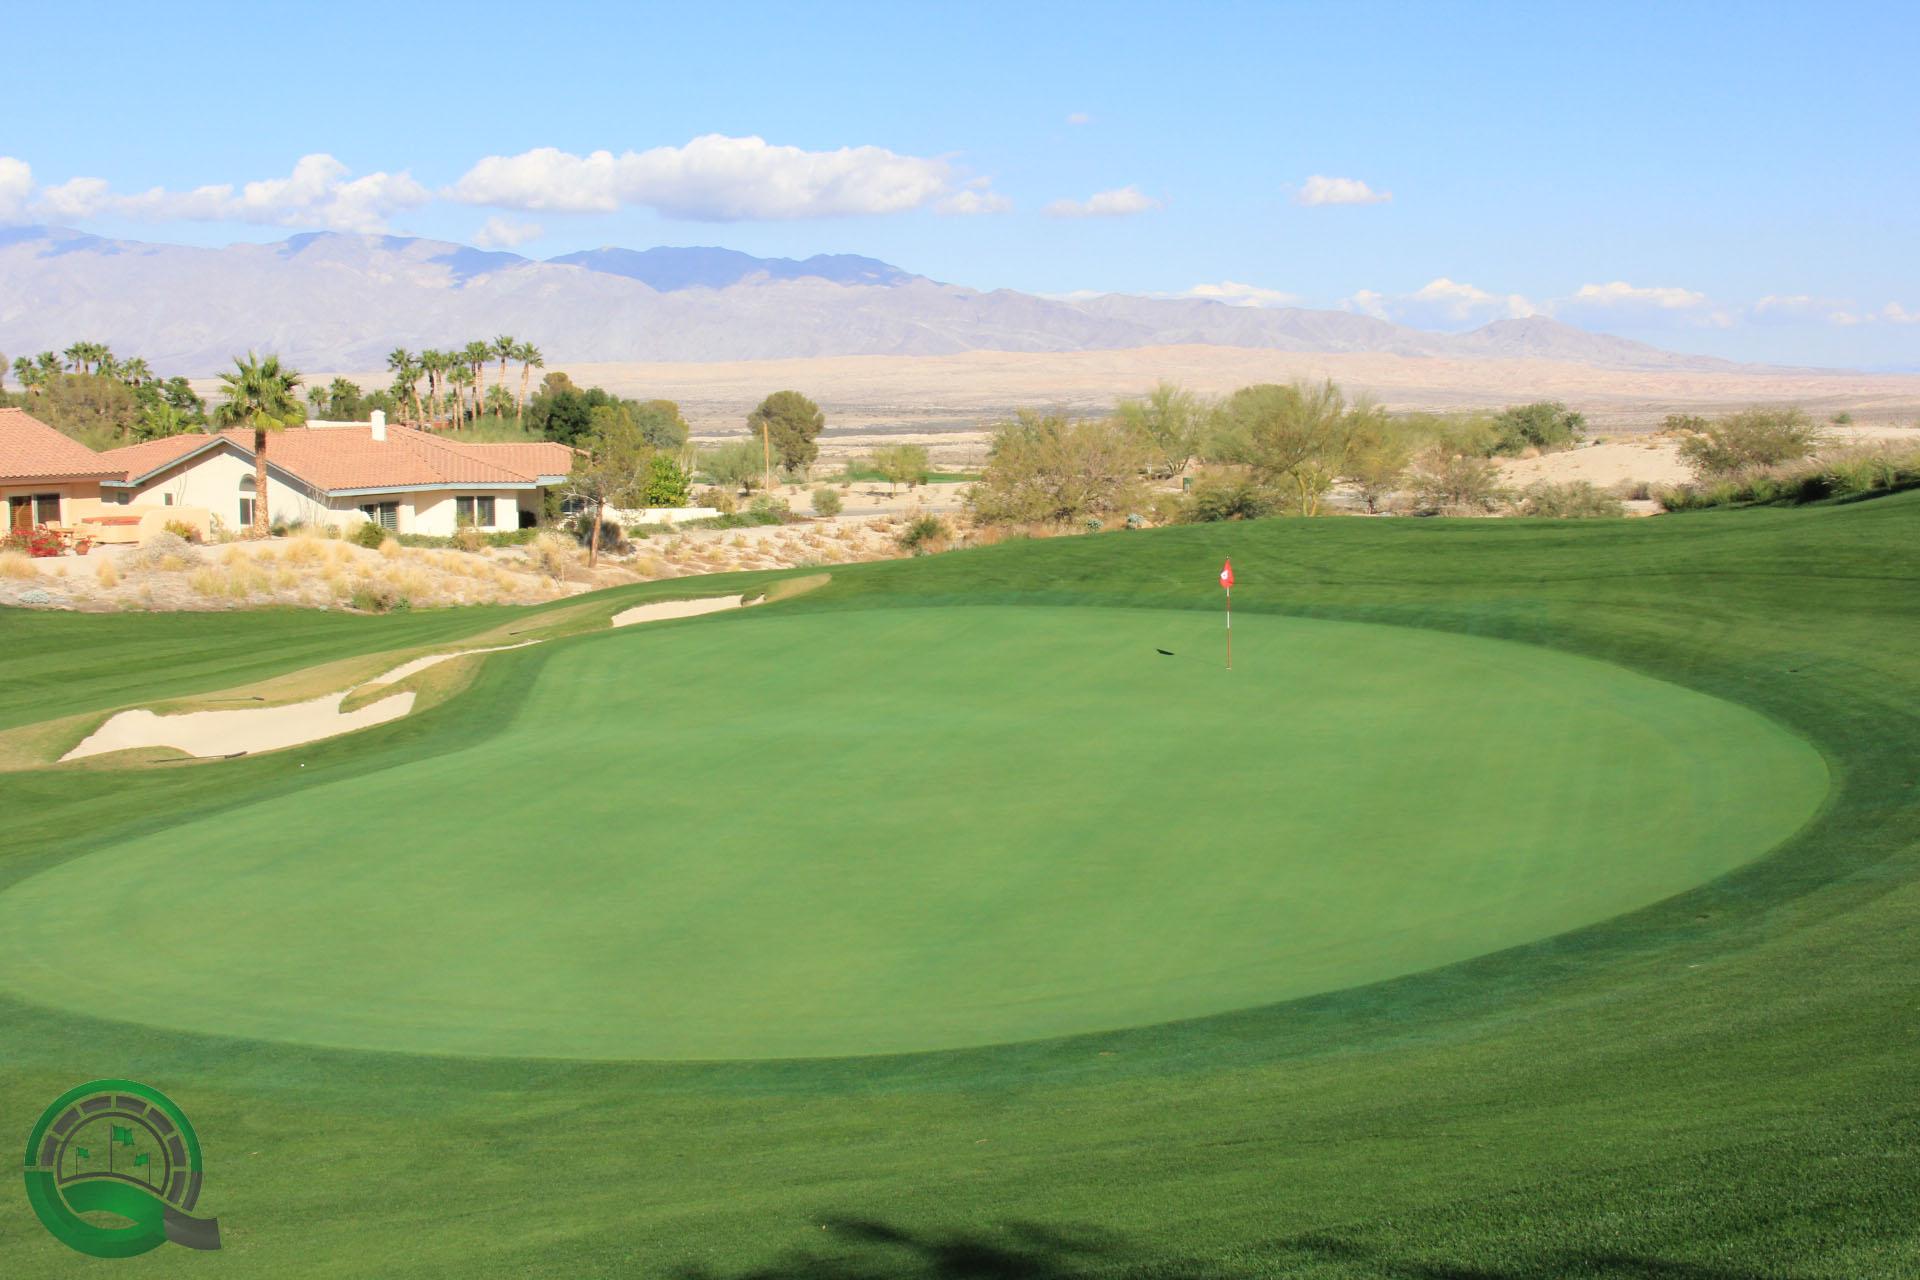 Rams Hill Golf Club Hole 8 Green